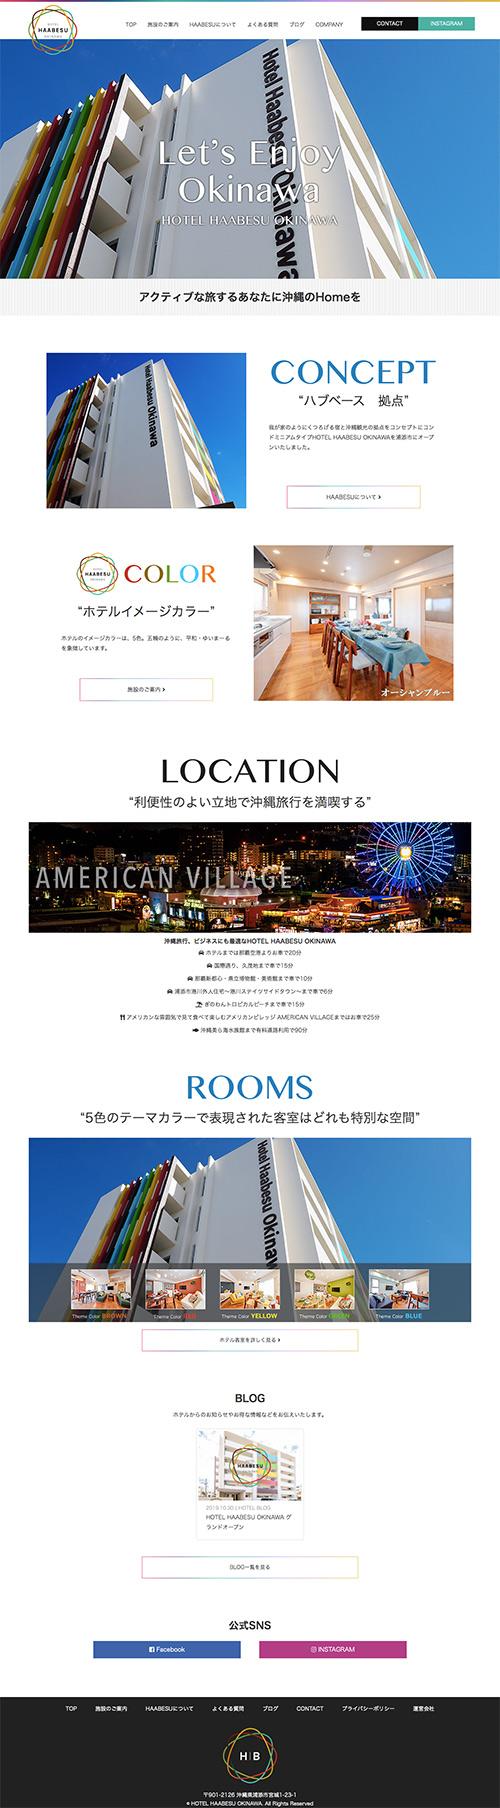 沖縄ホームページ制作実績 ホテルハーベスオキナワ